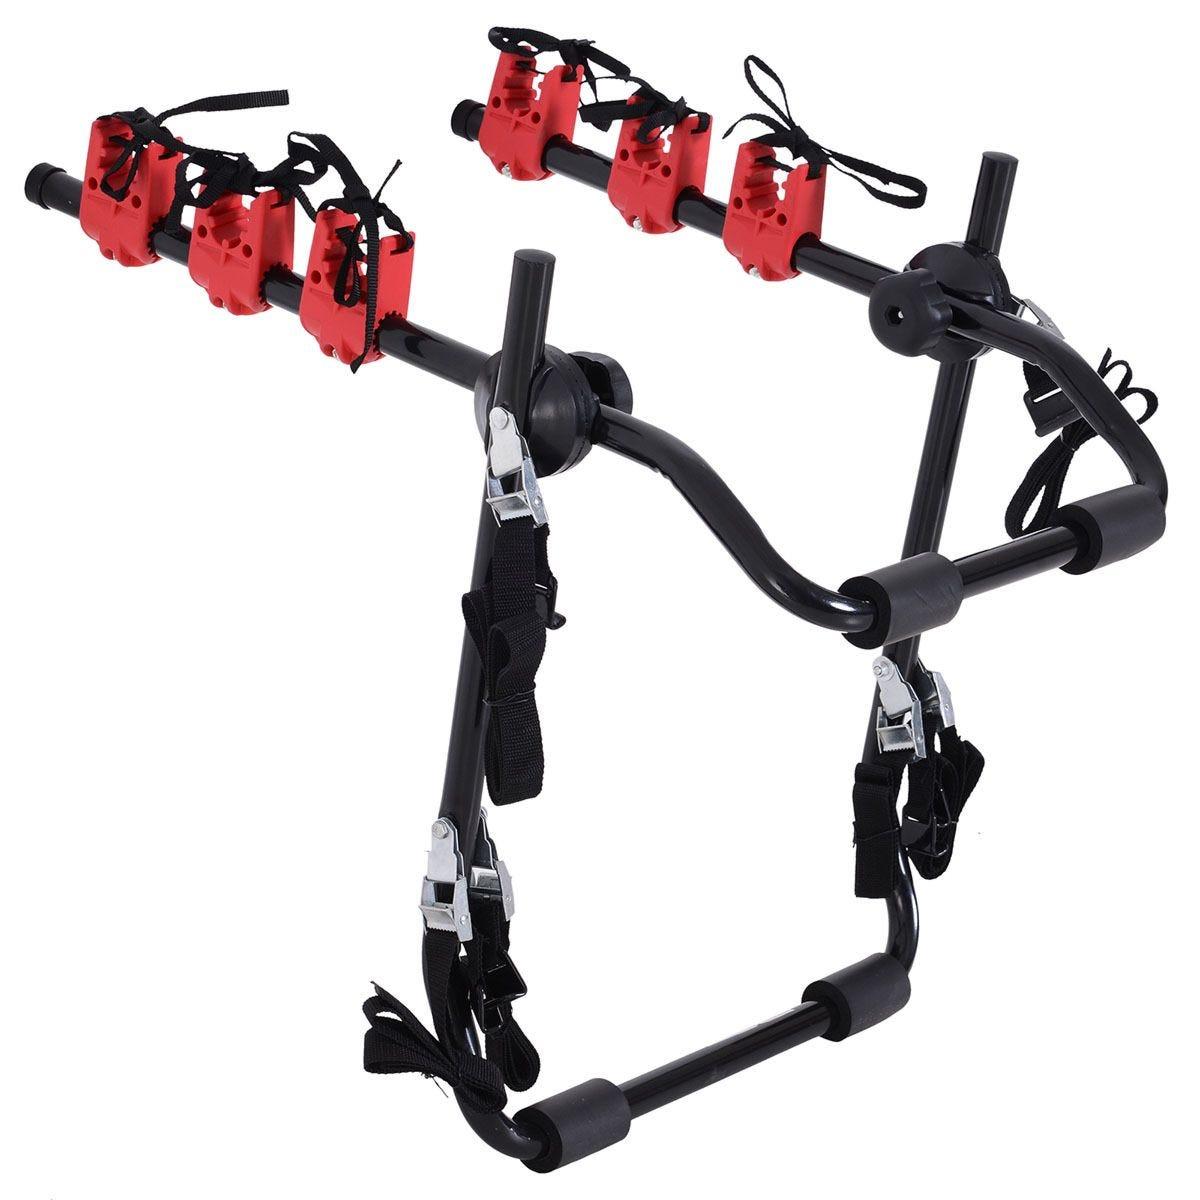 HOMCOM Foldable 3 Bike Carrier Rack - Black & Red